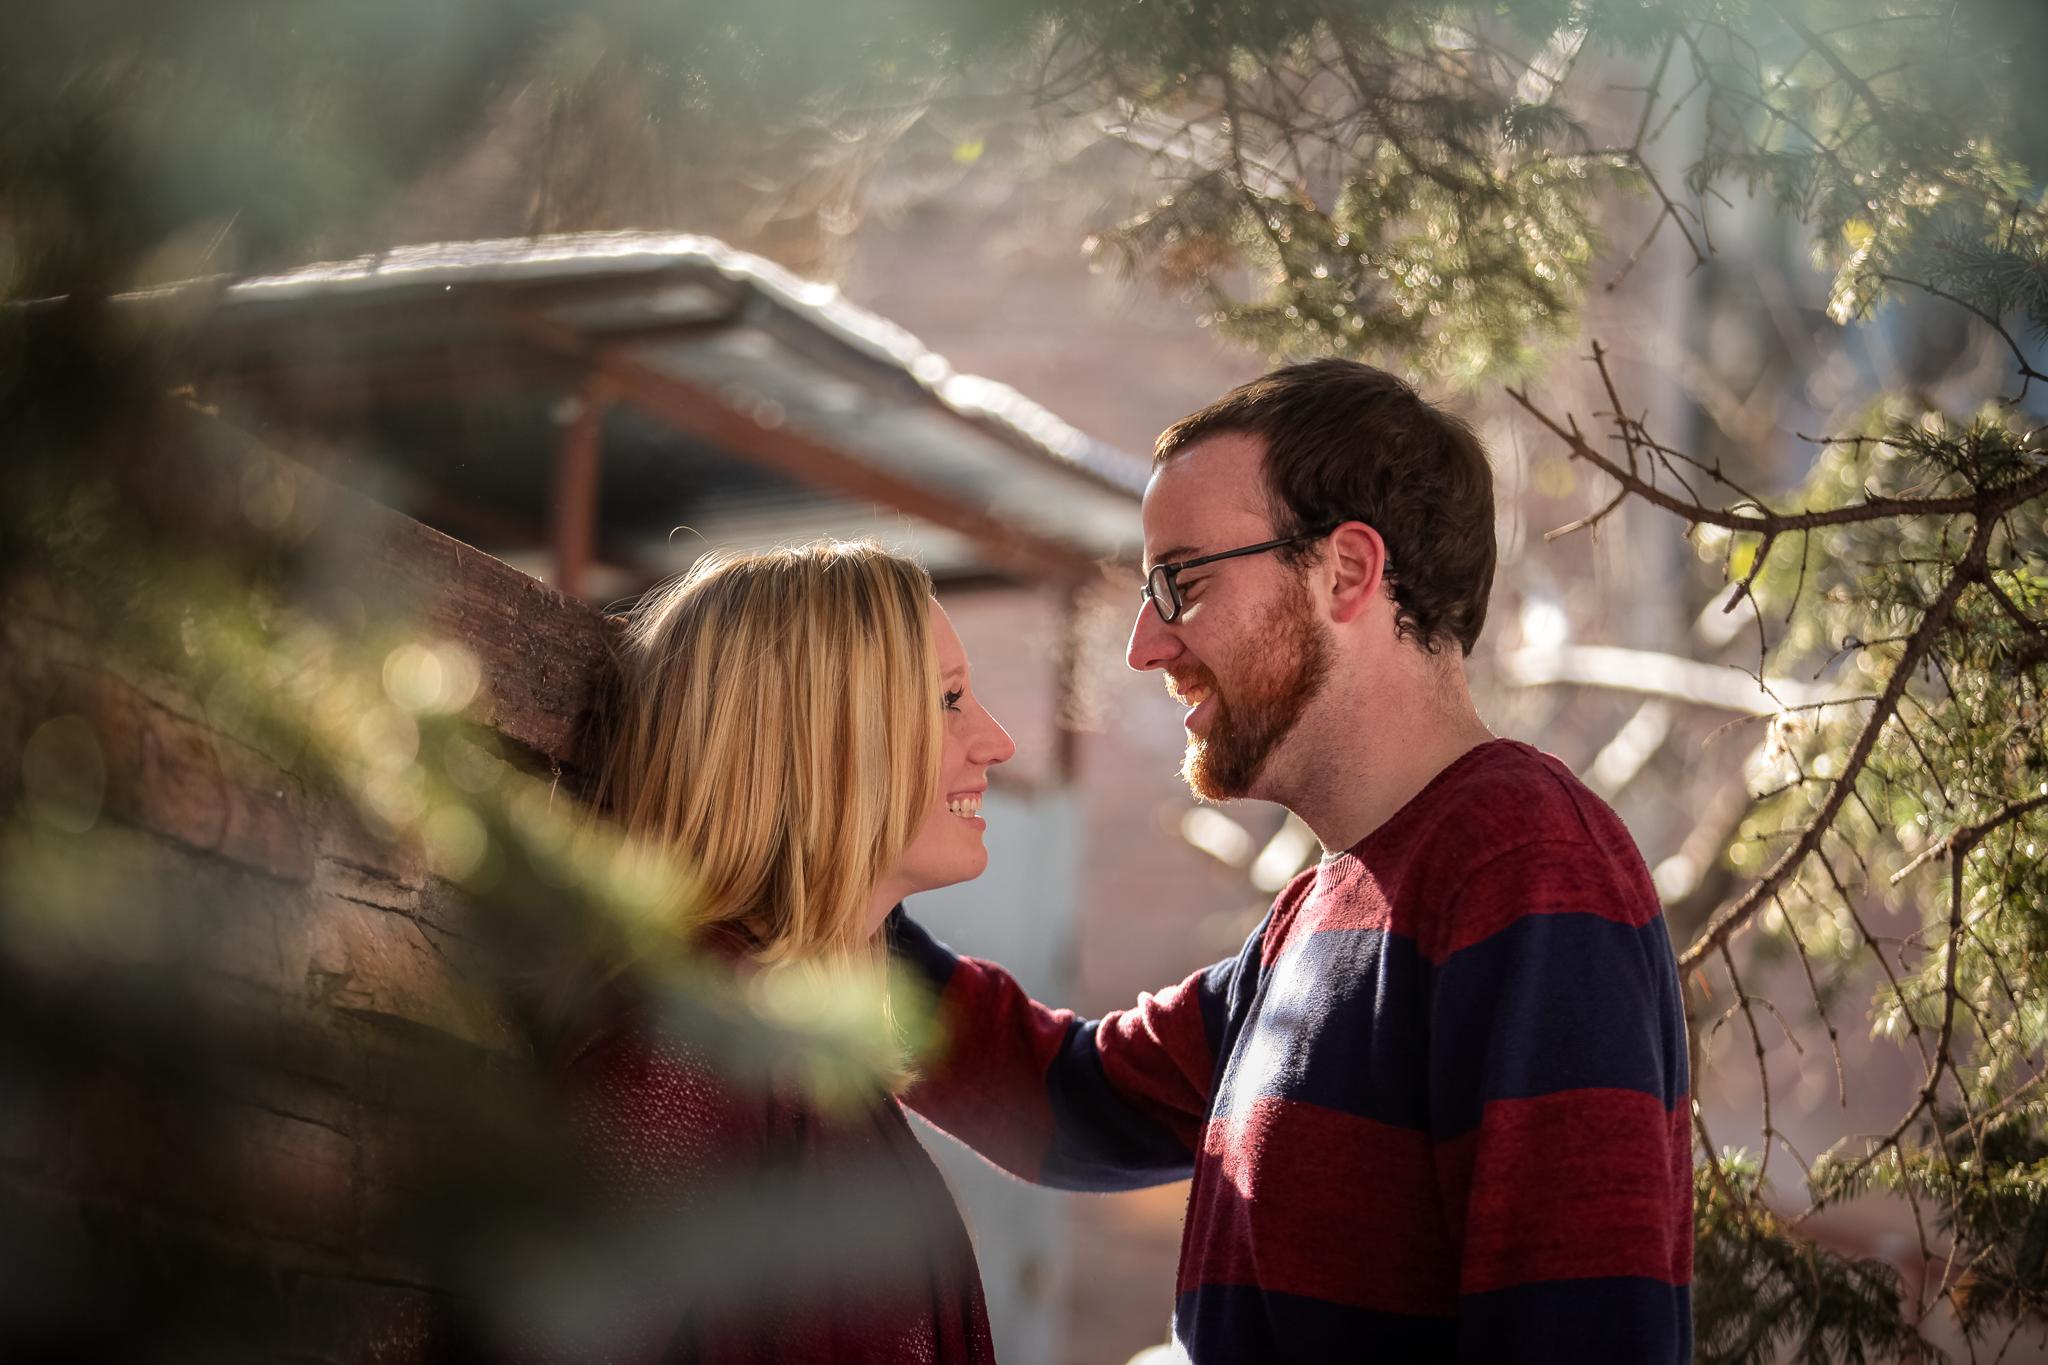 Becky&Adam-YPP-Eng TONED-151121-011.jpg